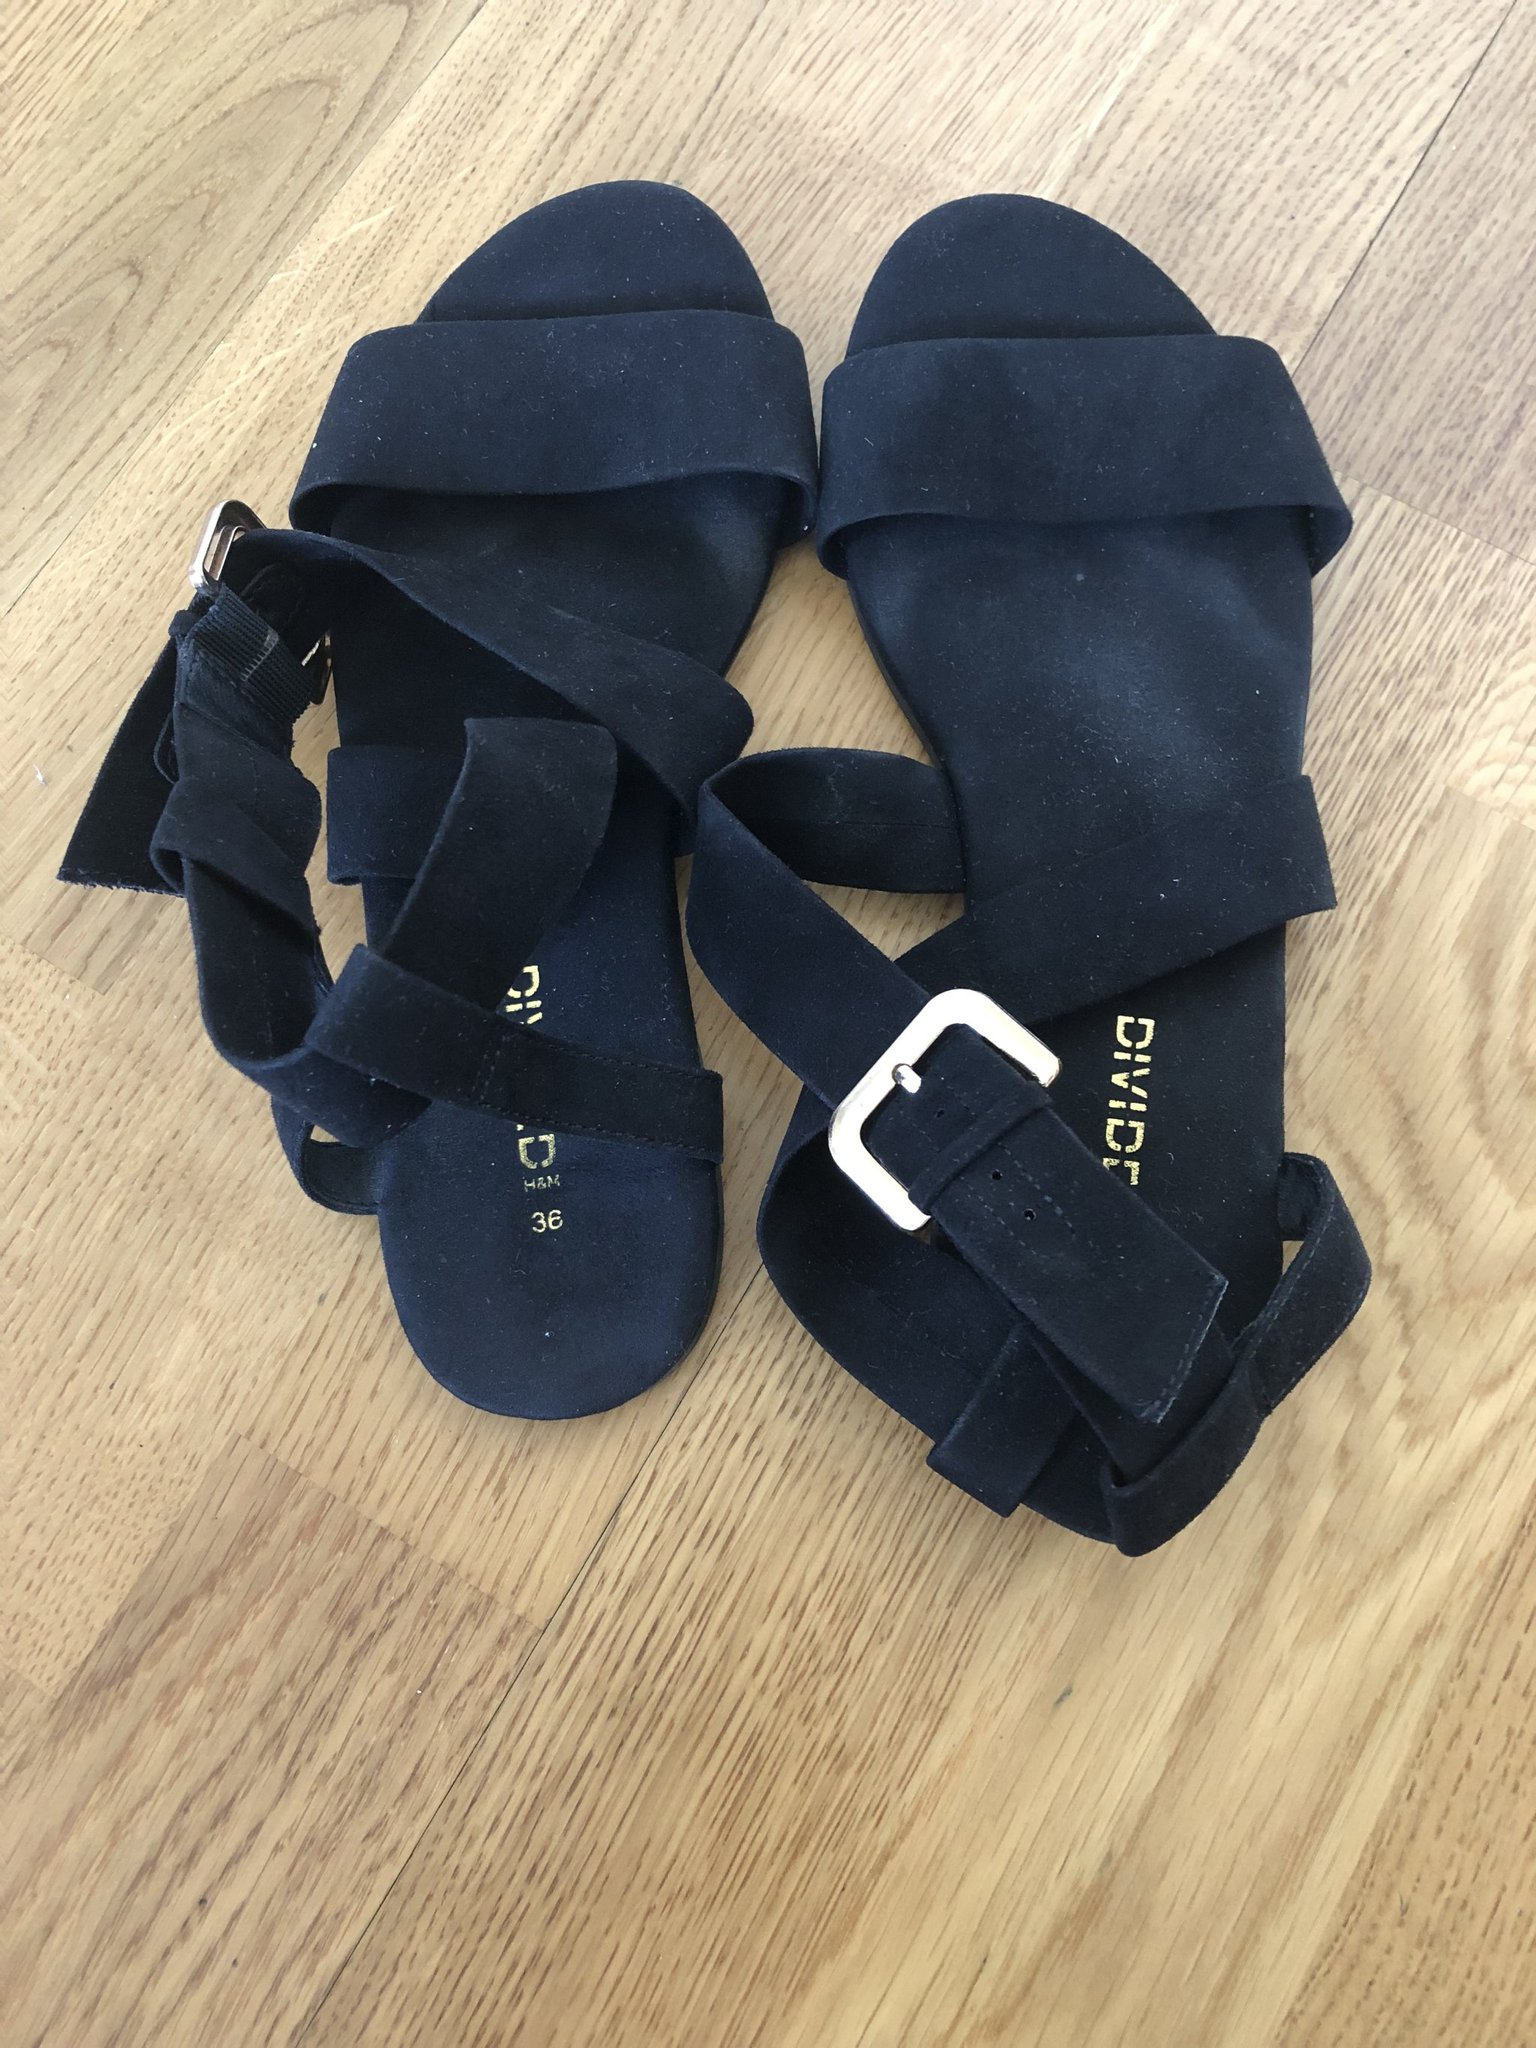 591dfc106ca Snygga sandaler från H&M. Strl: 36 (353013897) ᐈ Köp på Tradera